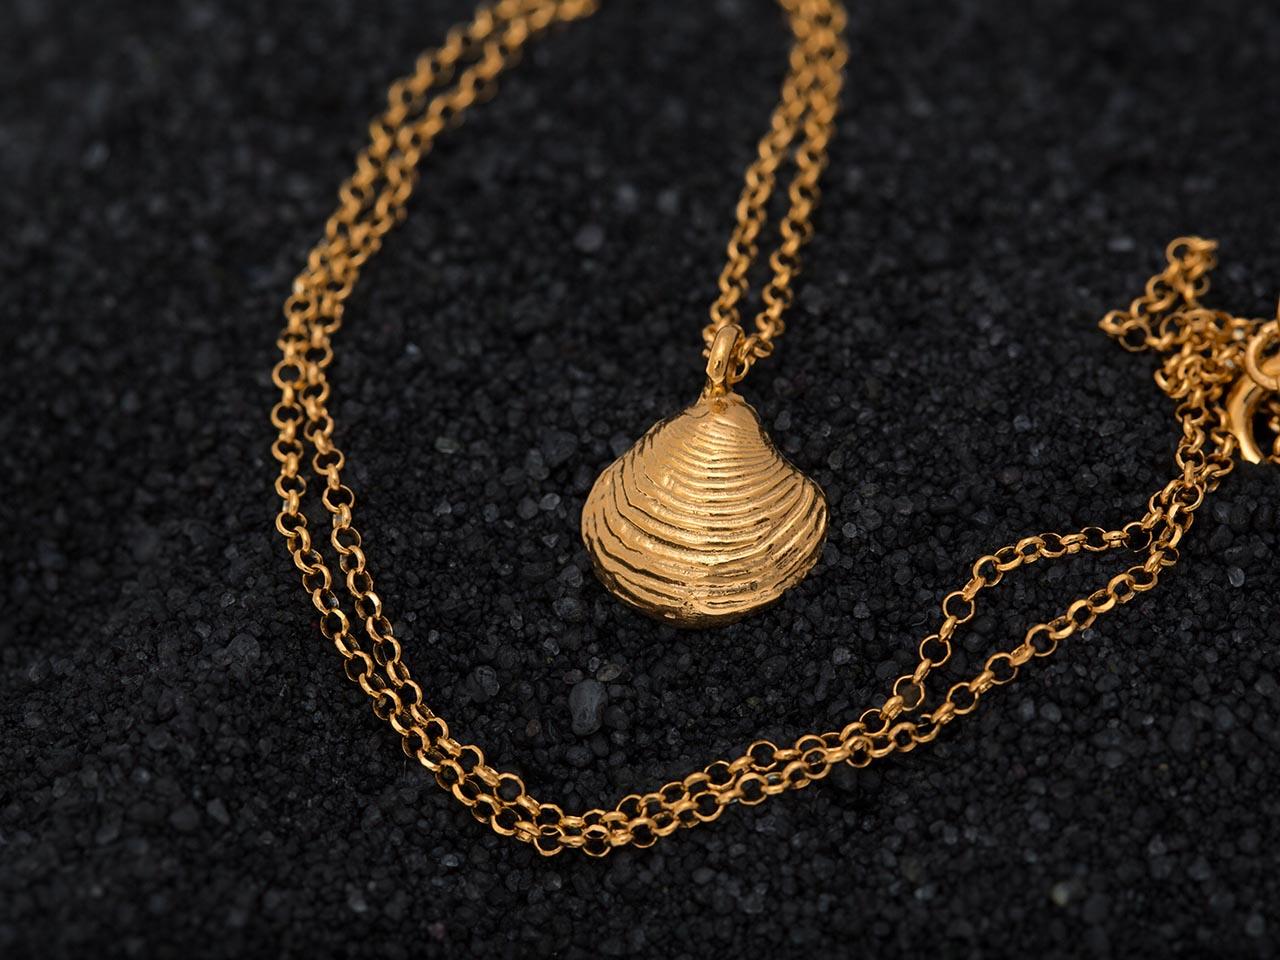 ασημένιο κοχύλι αχιβάδα κρεμαστό χρυσό